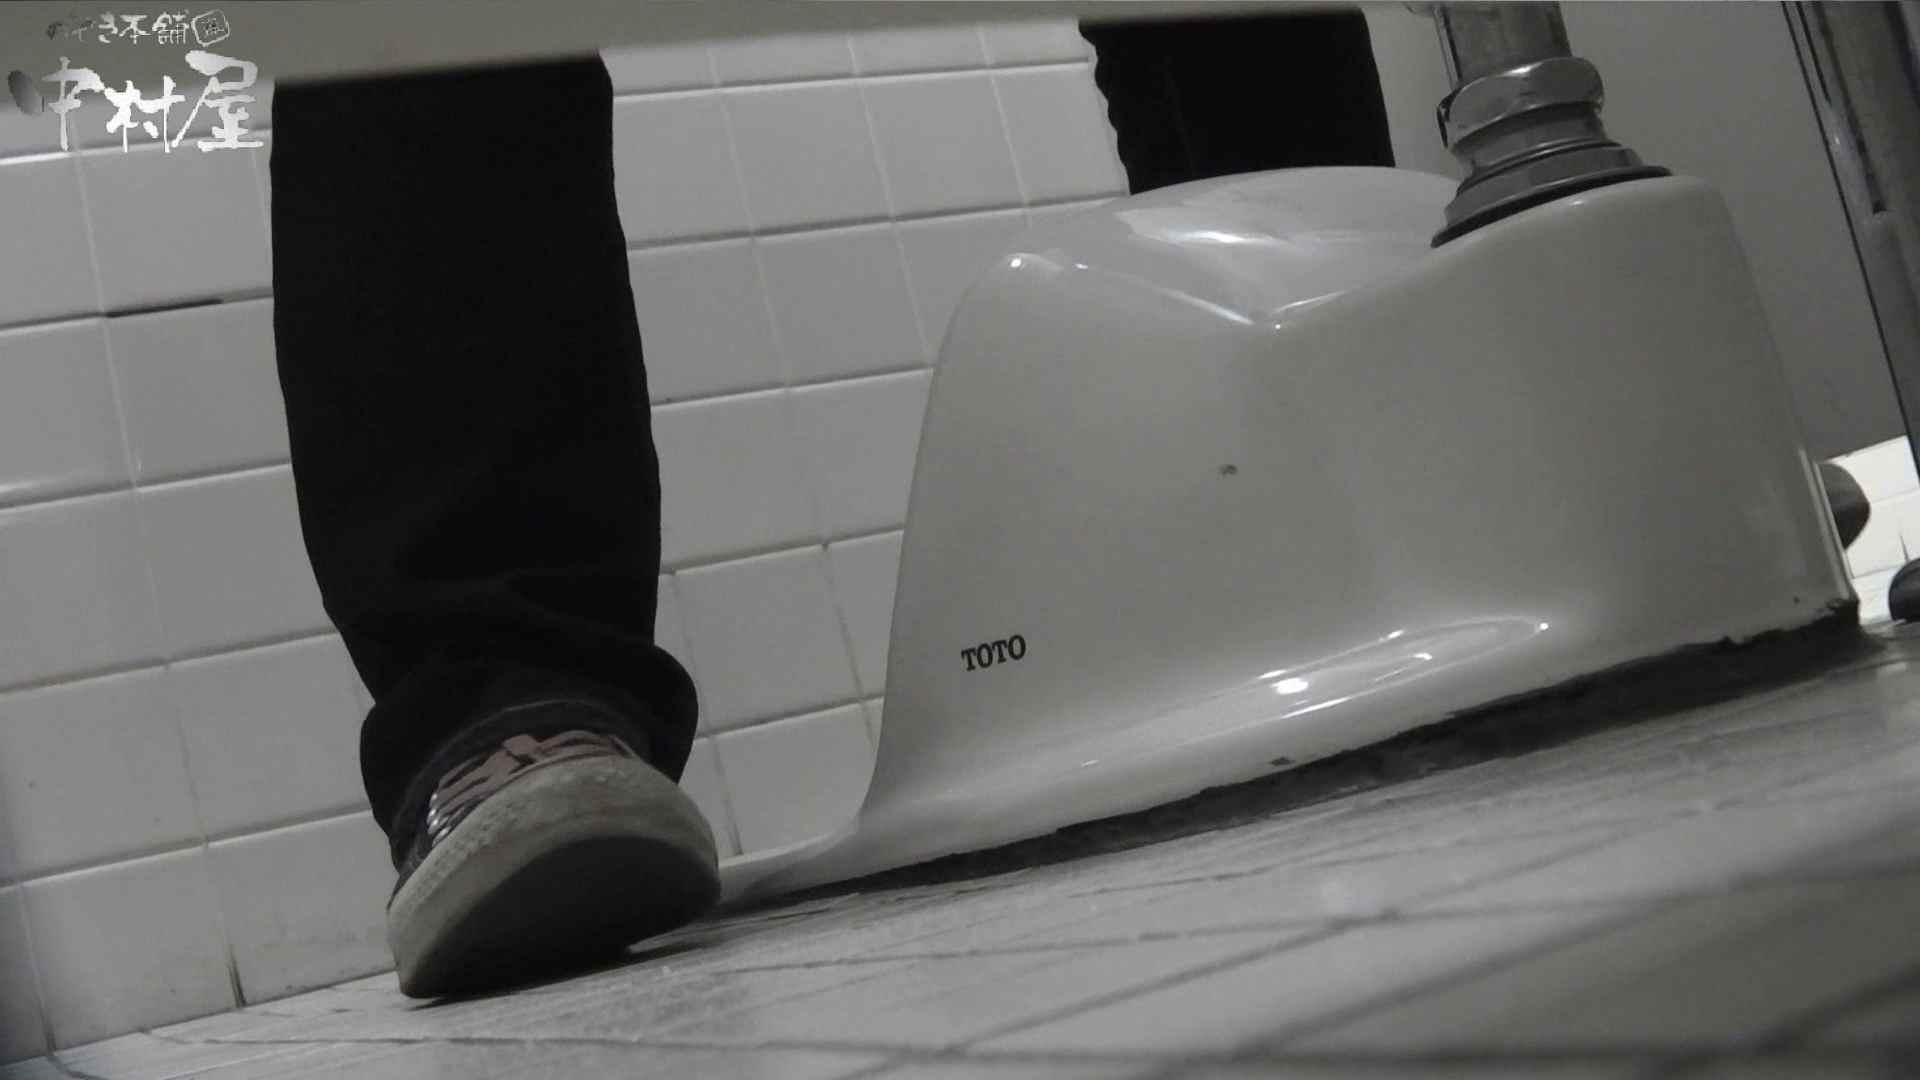 vol.03 命がけ潜伏洗面所! おねぃさんの日常 プライベート 盗撮AV動画キャプチャ 59画像 23